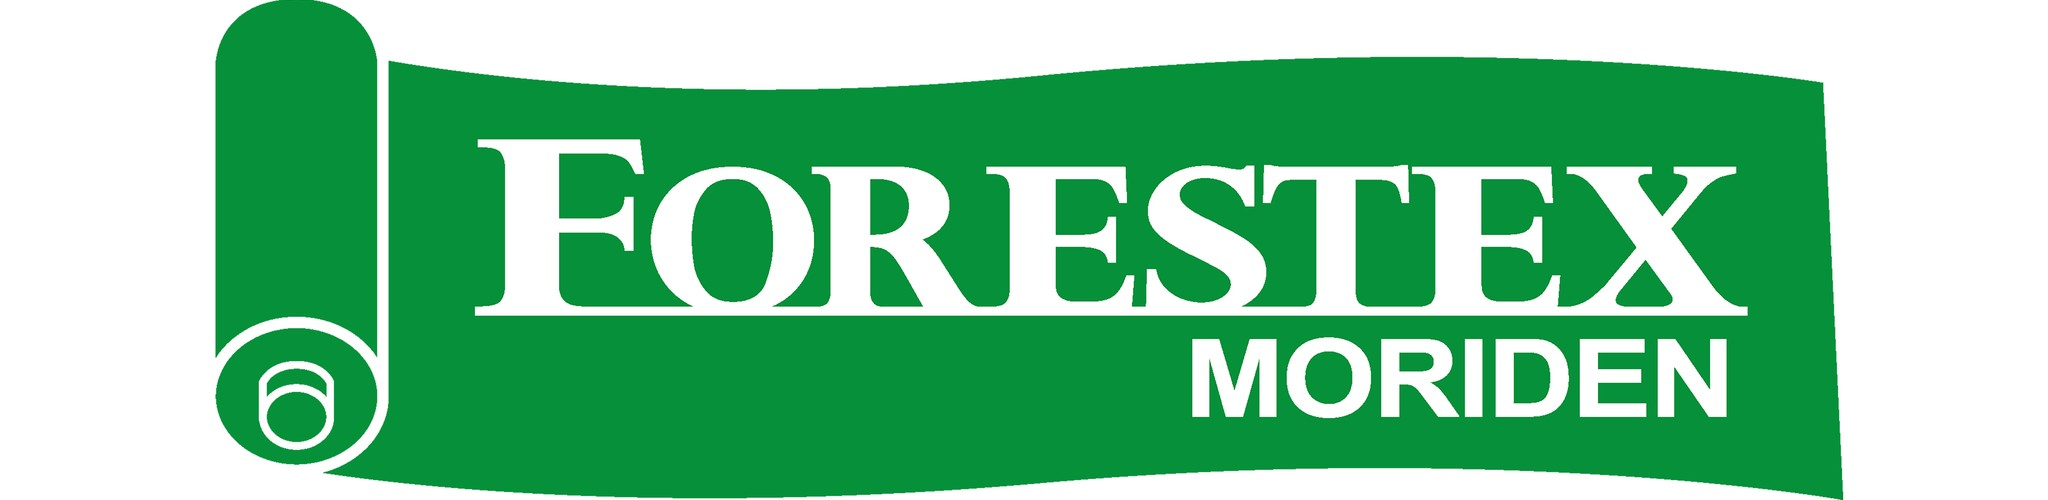 FORESTEX テキスタイルメーカーのオンラインショップ